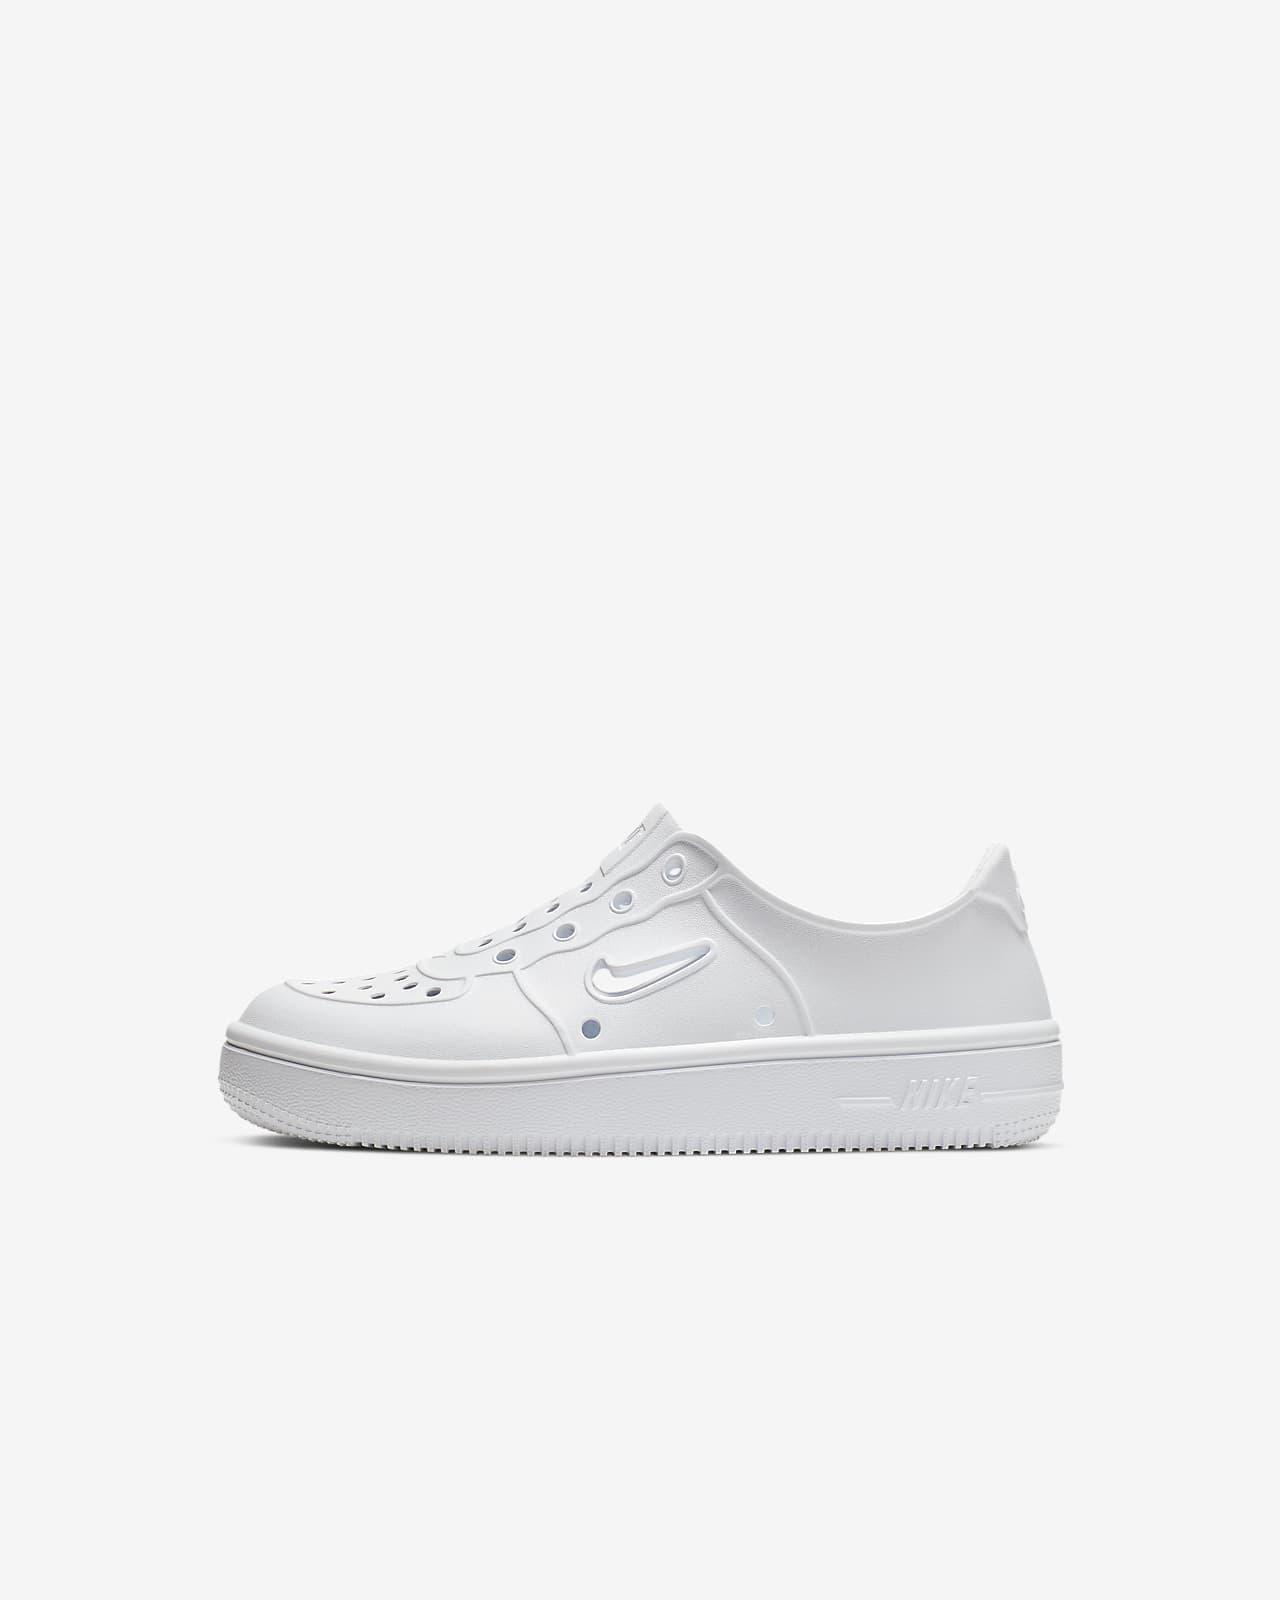 Nike Foam Force 1 (PS) 幼童运动童鞋